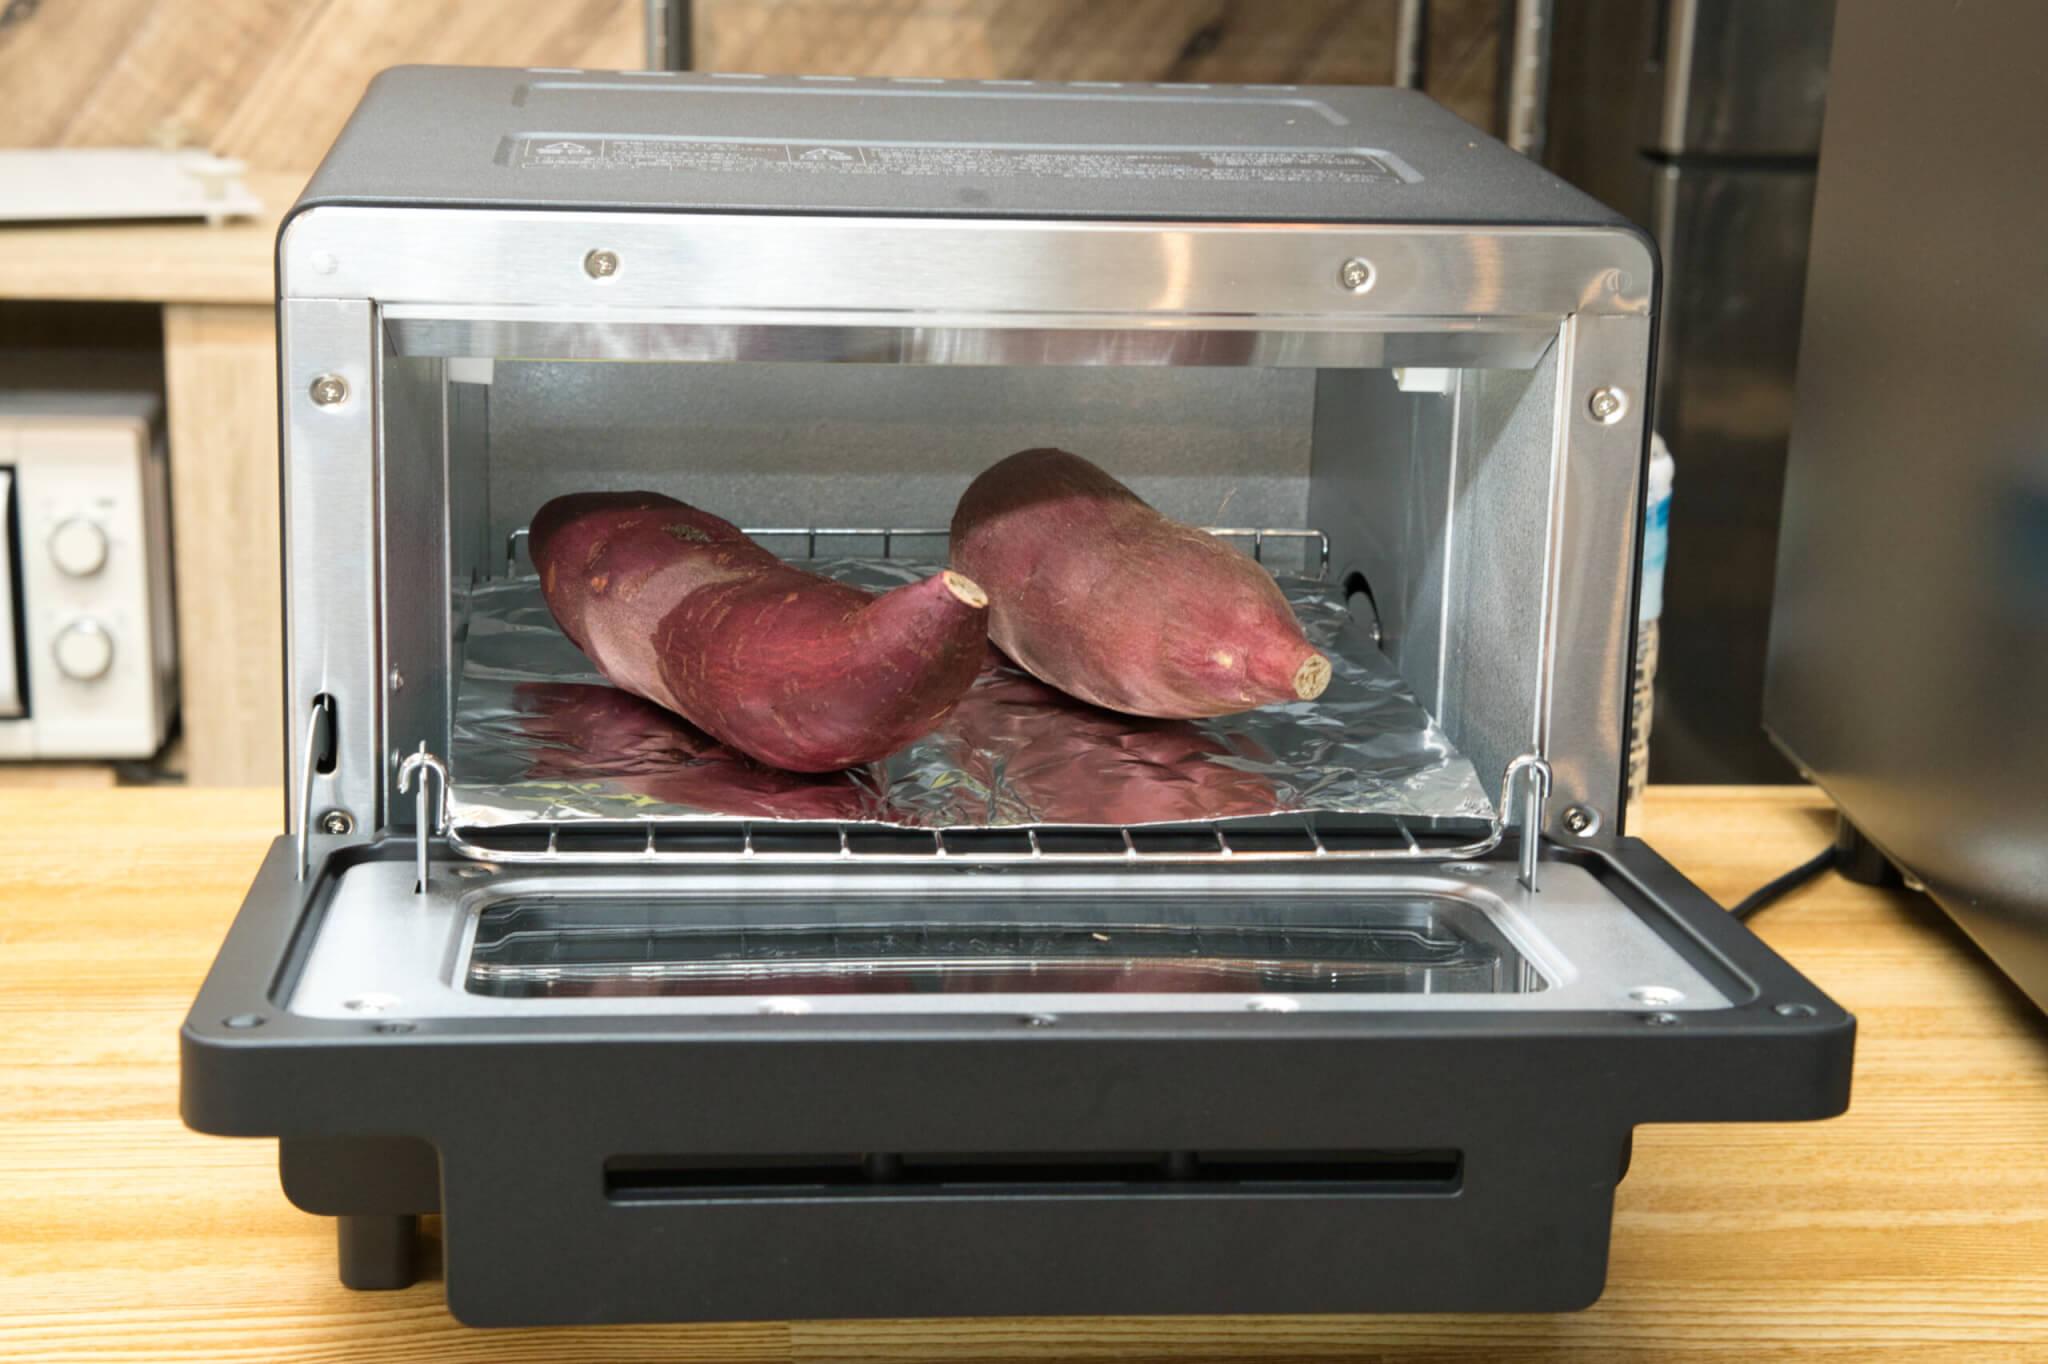 5種類の人気オーブントースターで焼き芋作り検証 パナソニック オーブントースター ビストロ